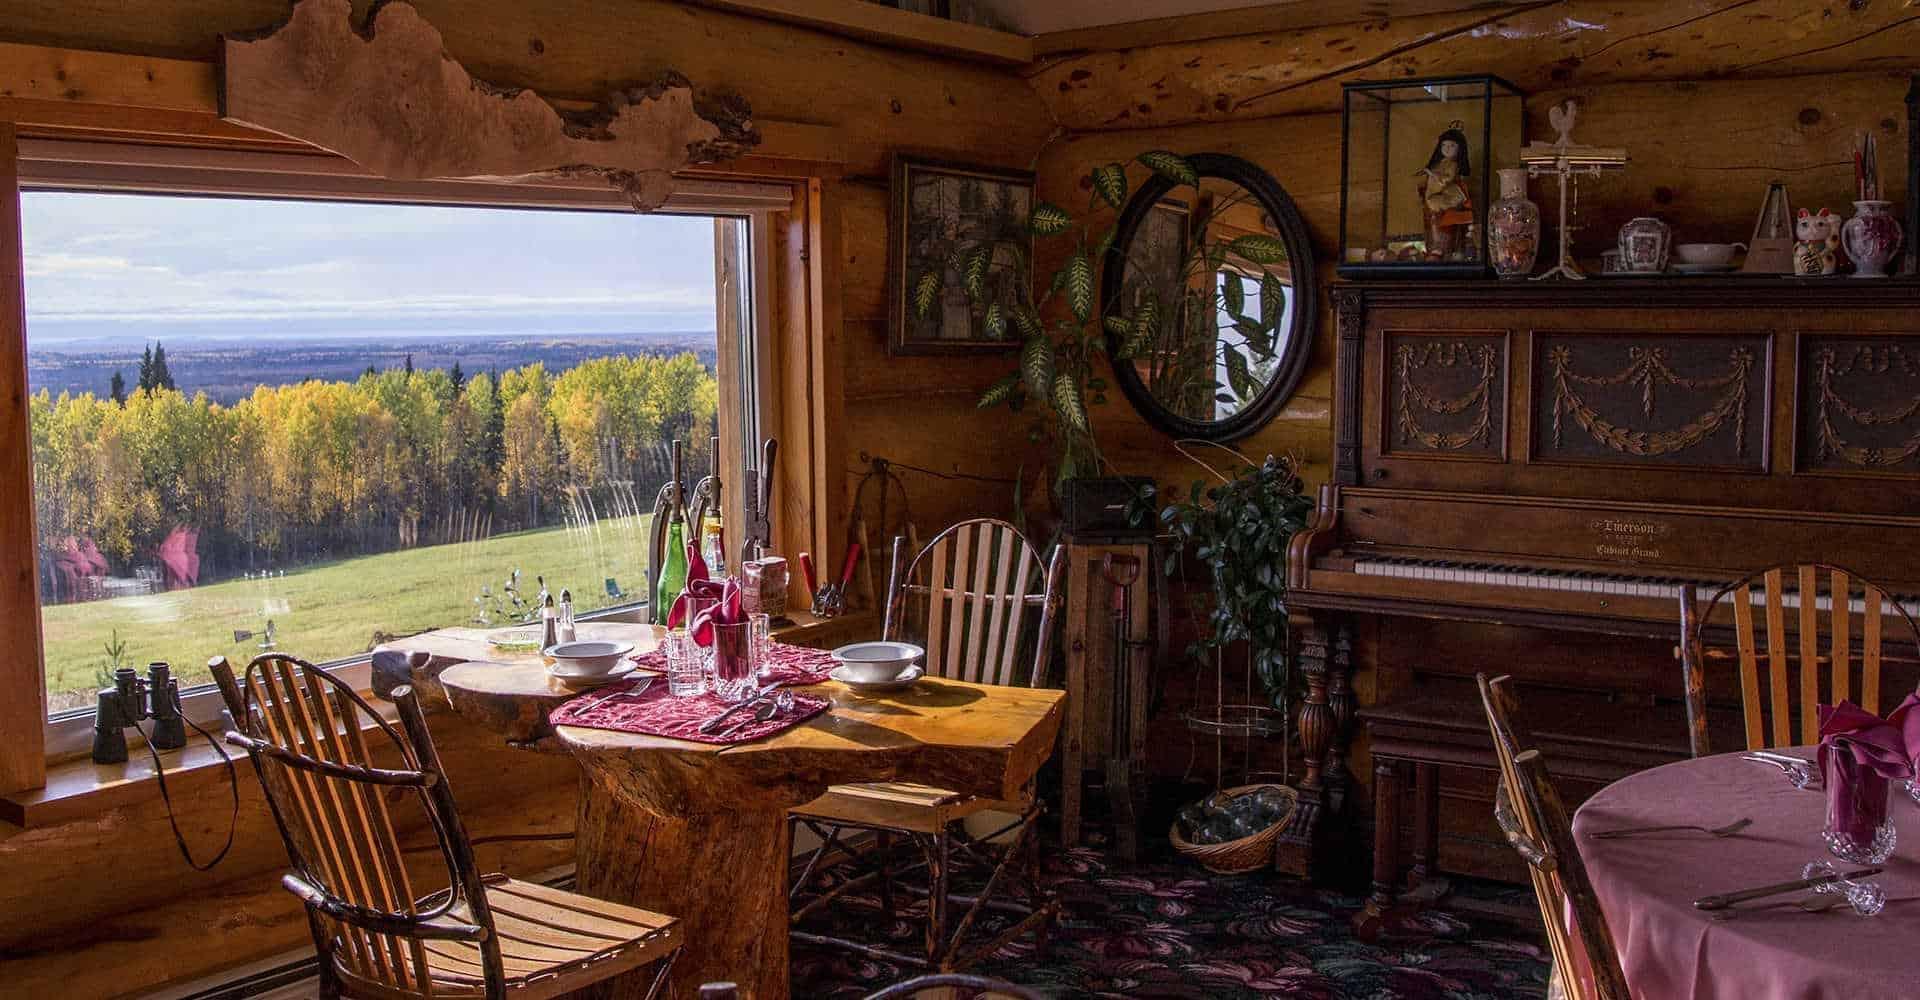 fairbanks alaska bed and breakfast. usædvanlige hoteller